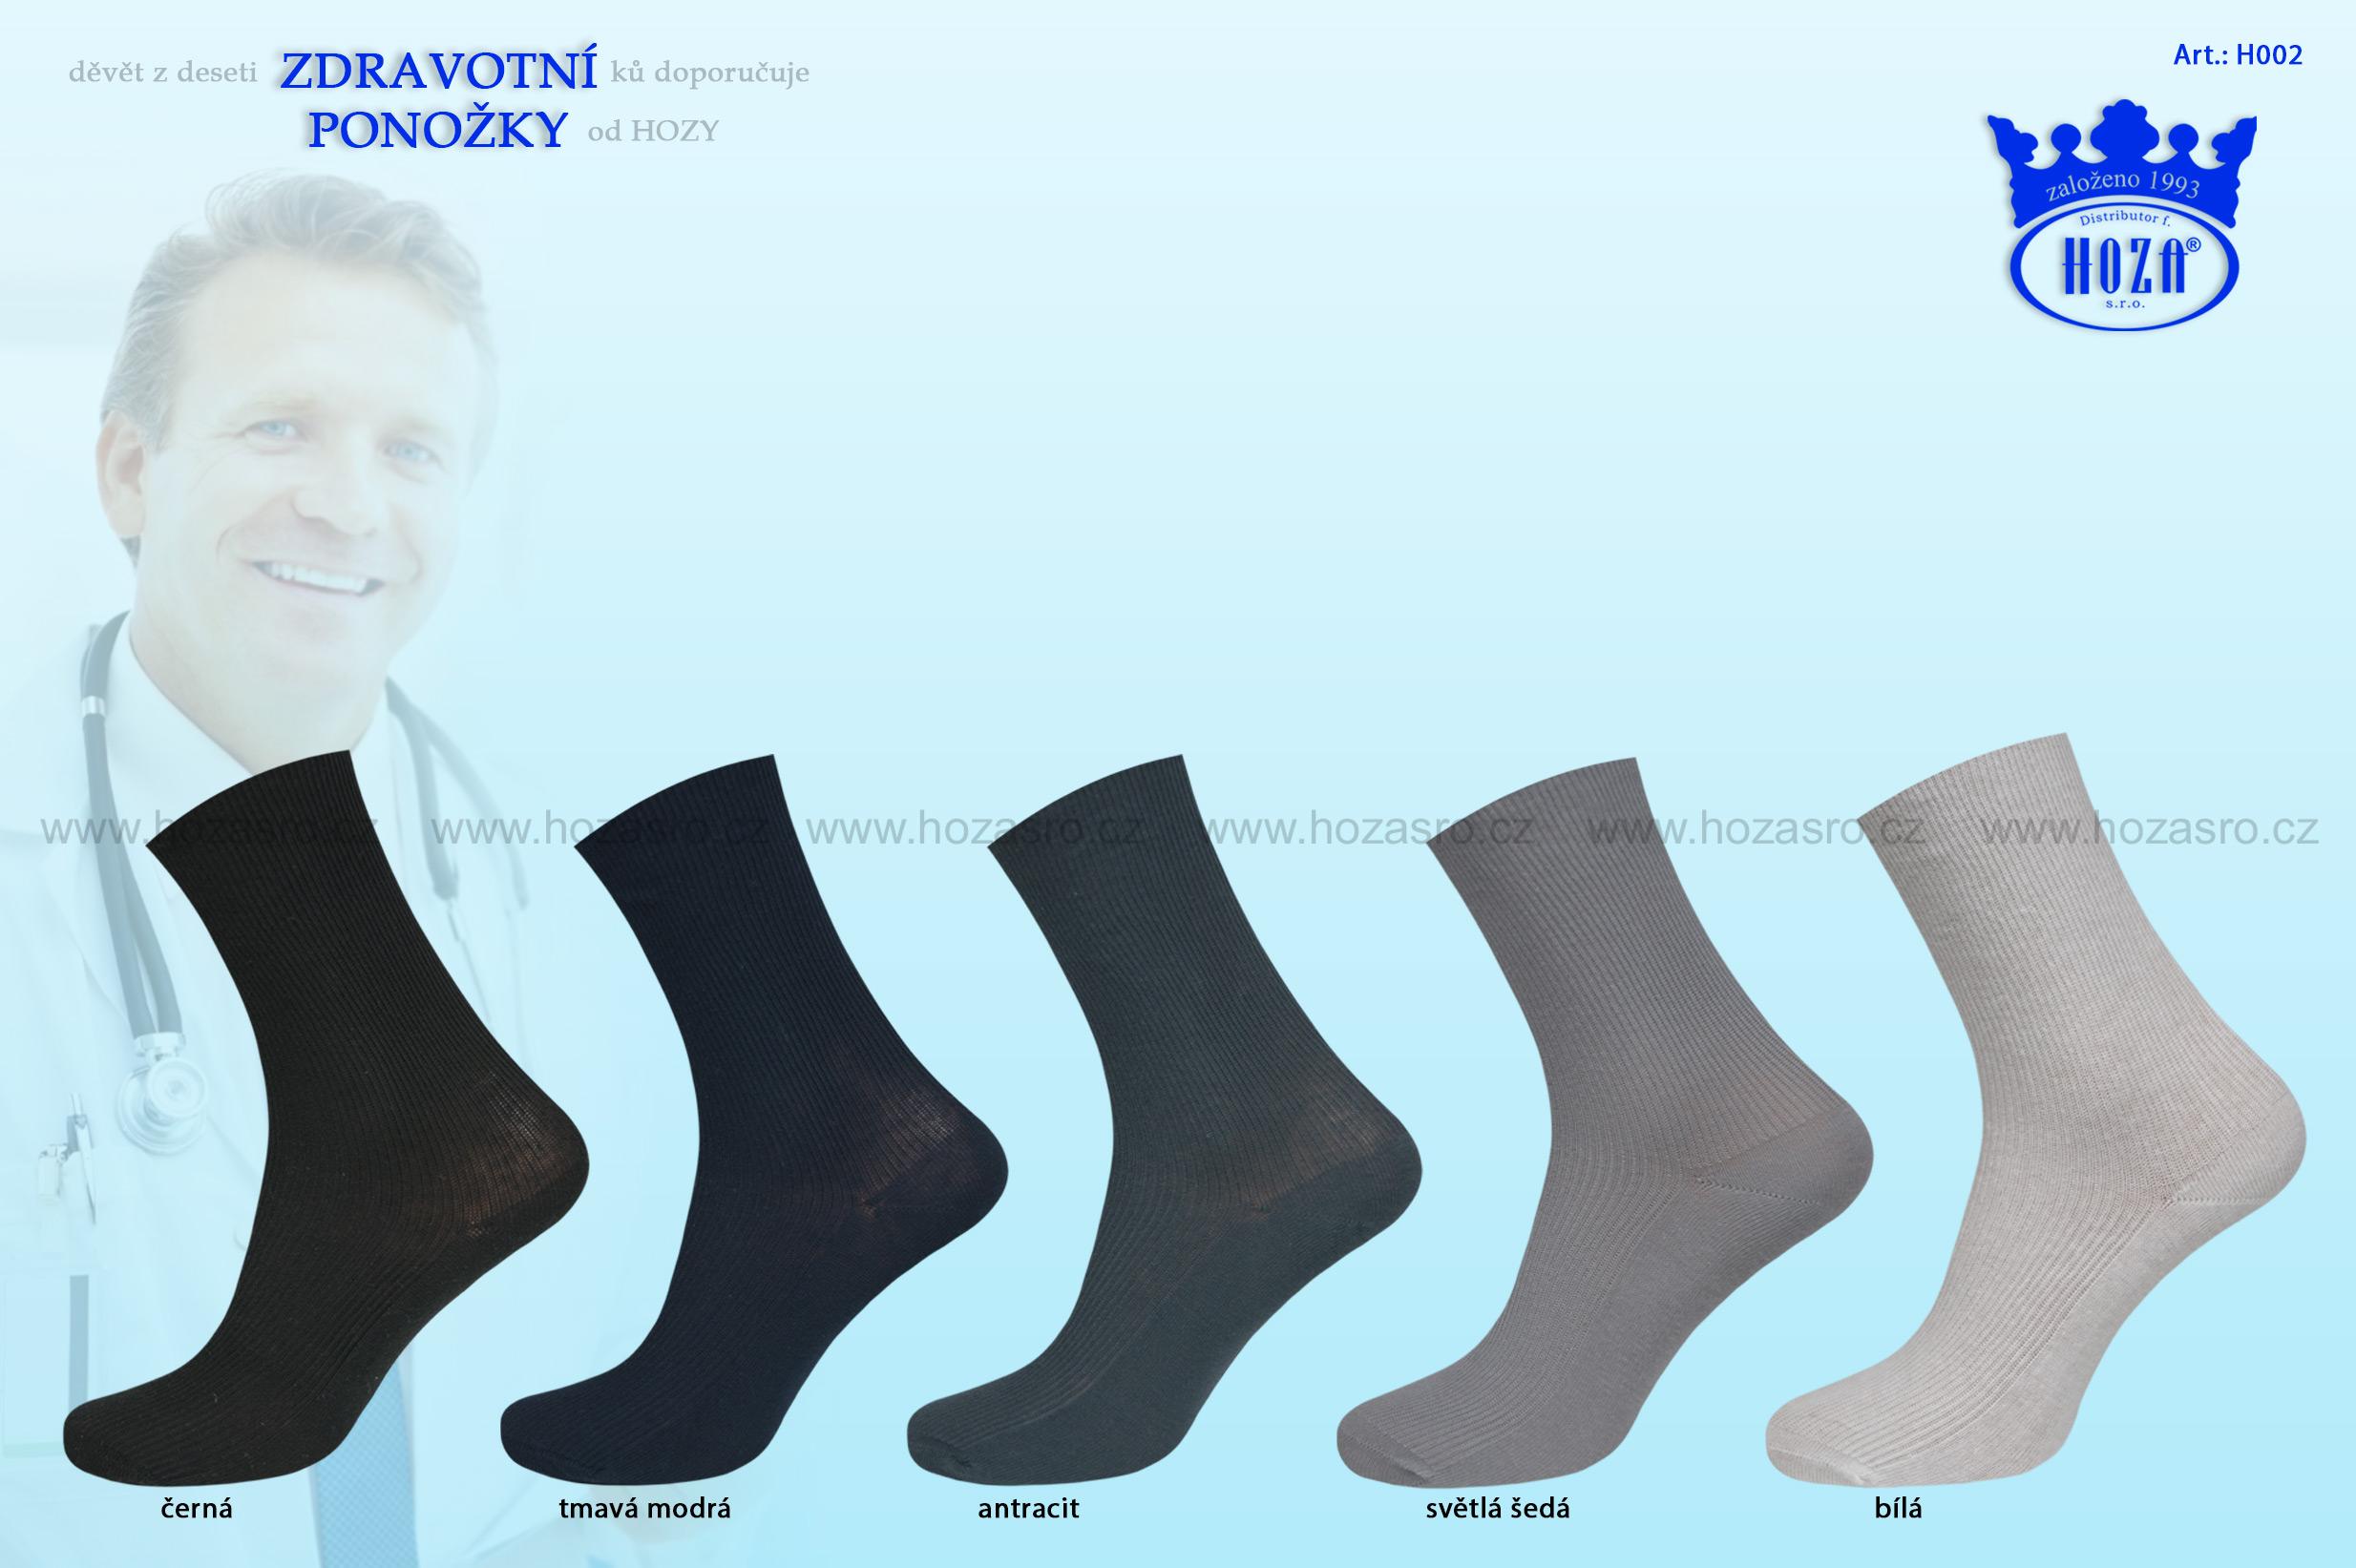 Dámské ponožky HOZA zdravotní, 100% bavlna - tmavé - H002